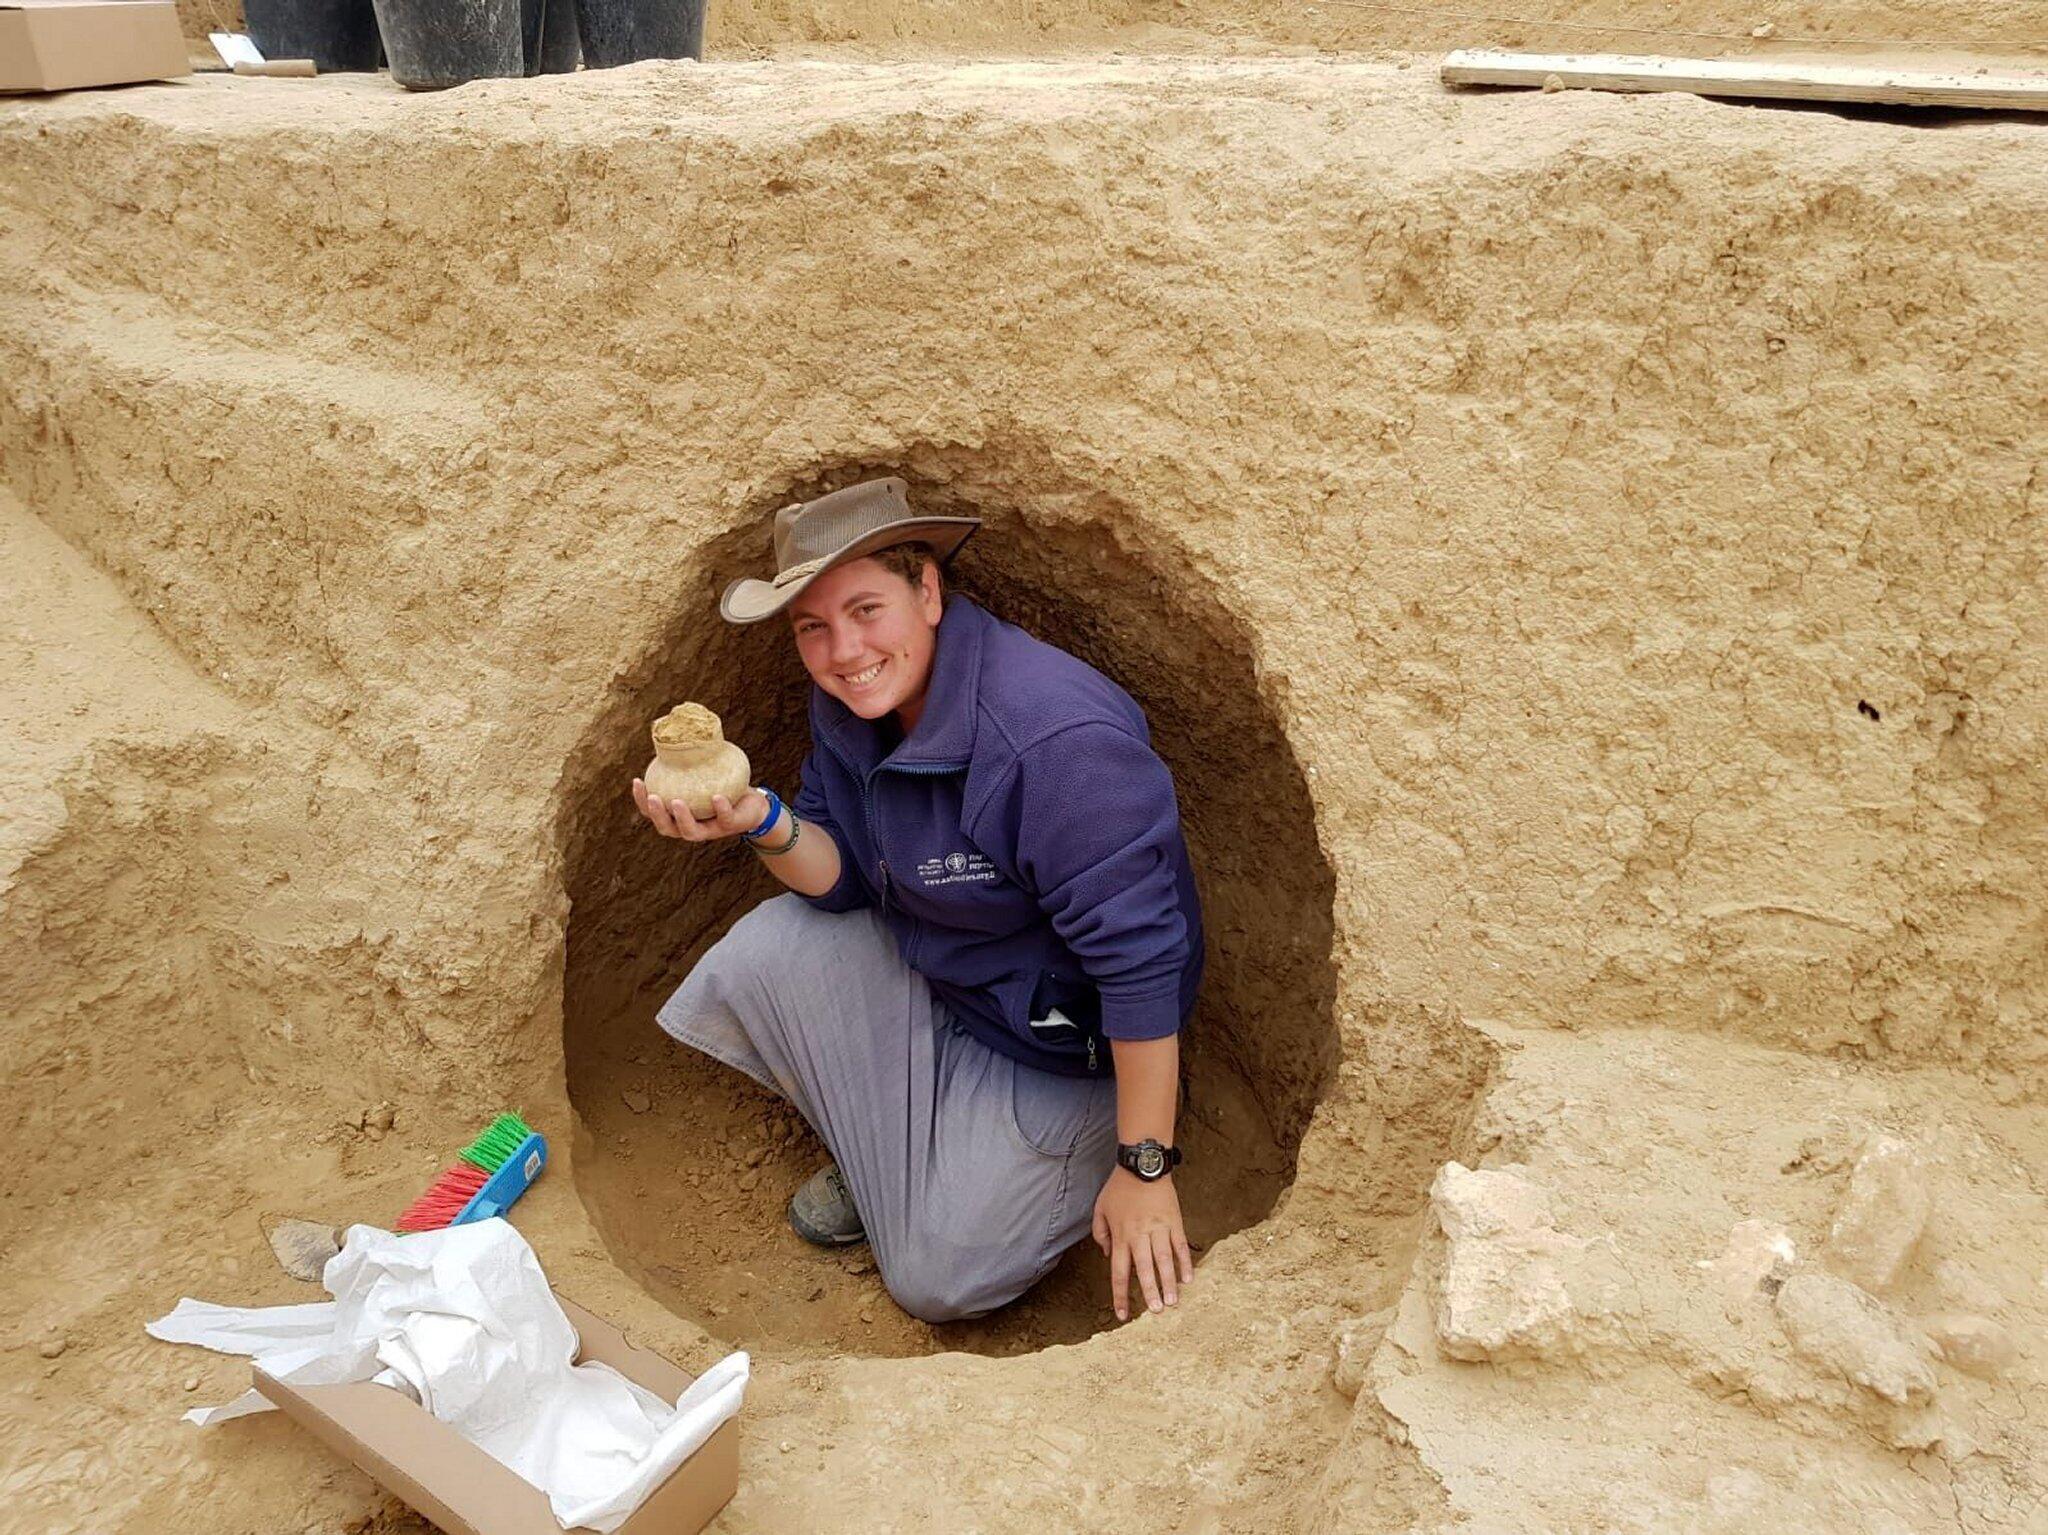 Bild zu 2000 Jahre alte jüdische Siedlung in Israel entdeckt